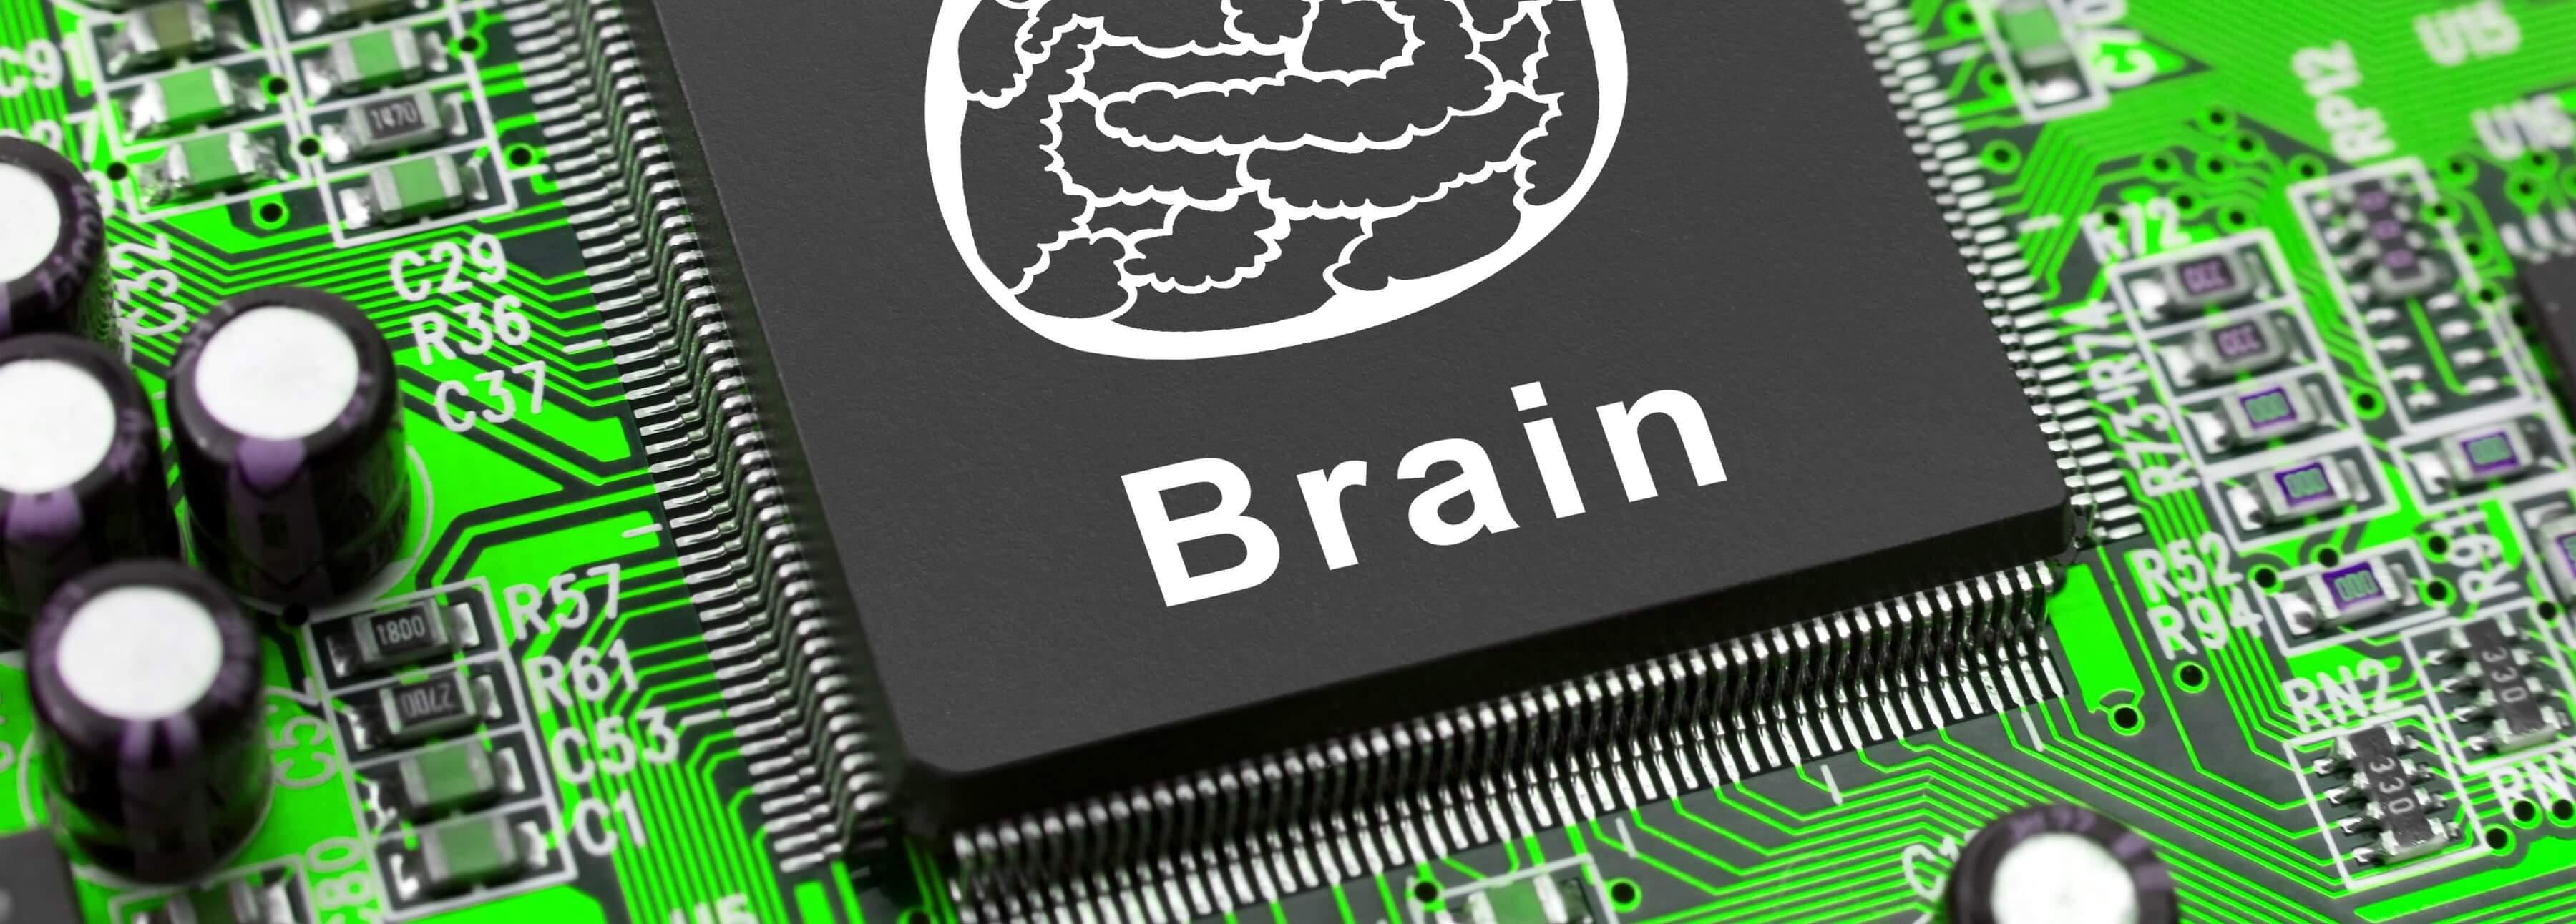 غول چینی تجهیزات ماینینگ وارد حوزه هوش مصنوعی میشود